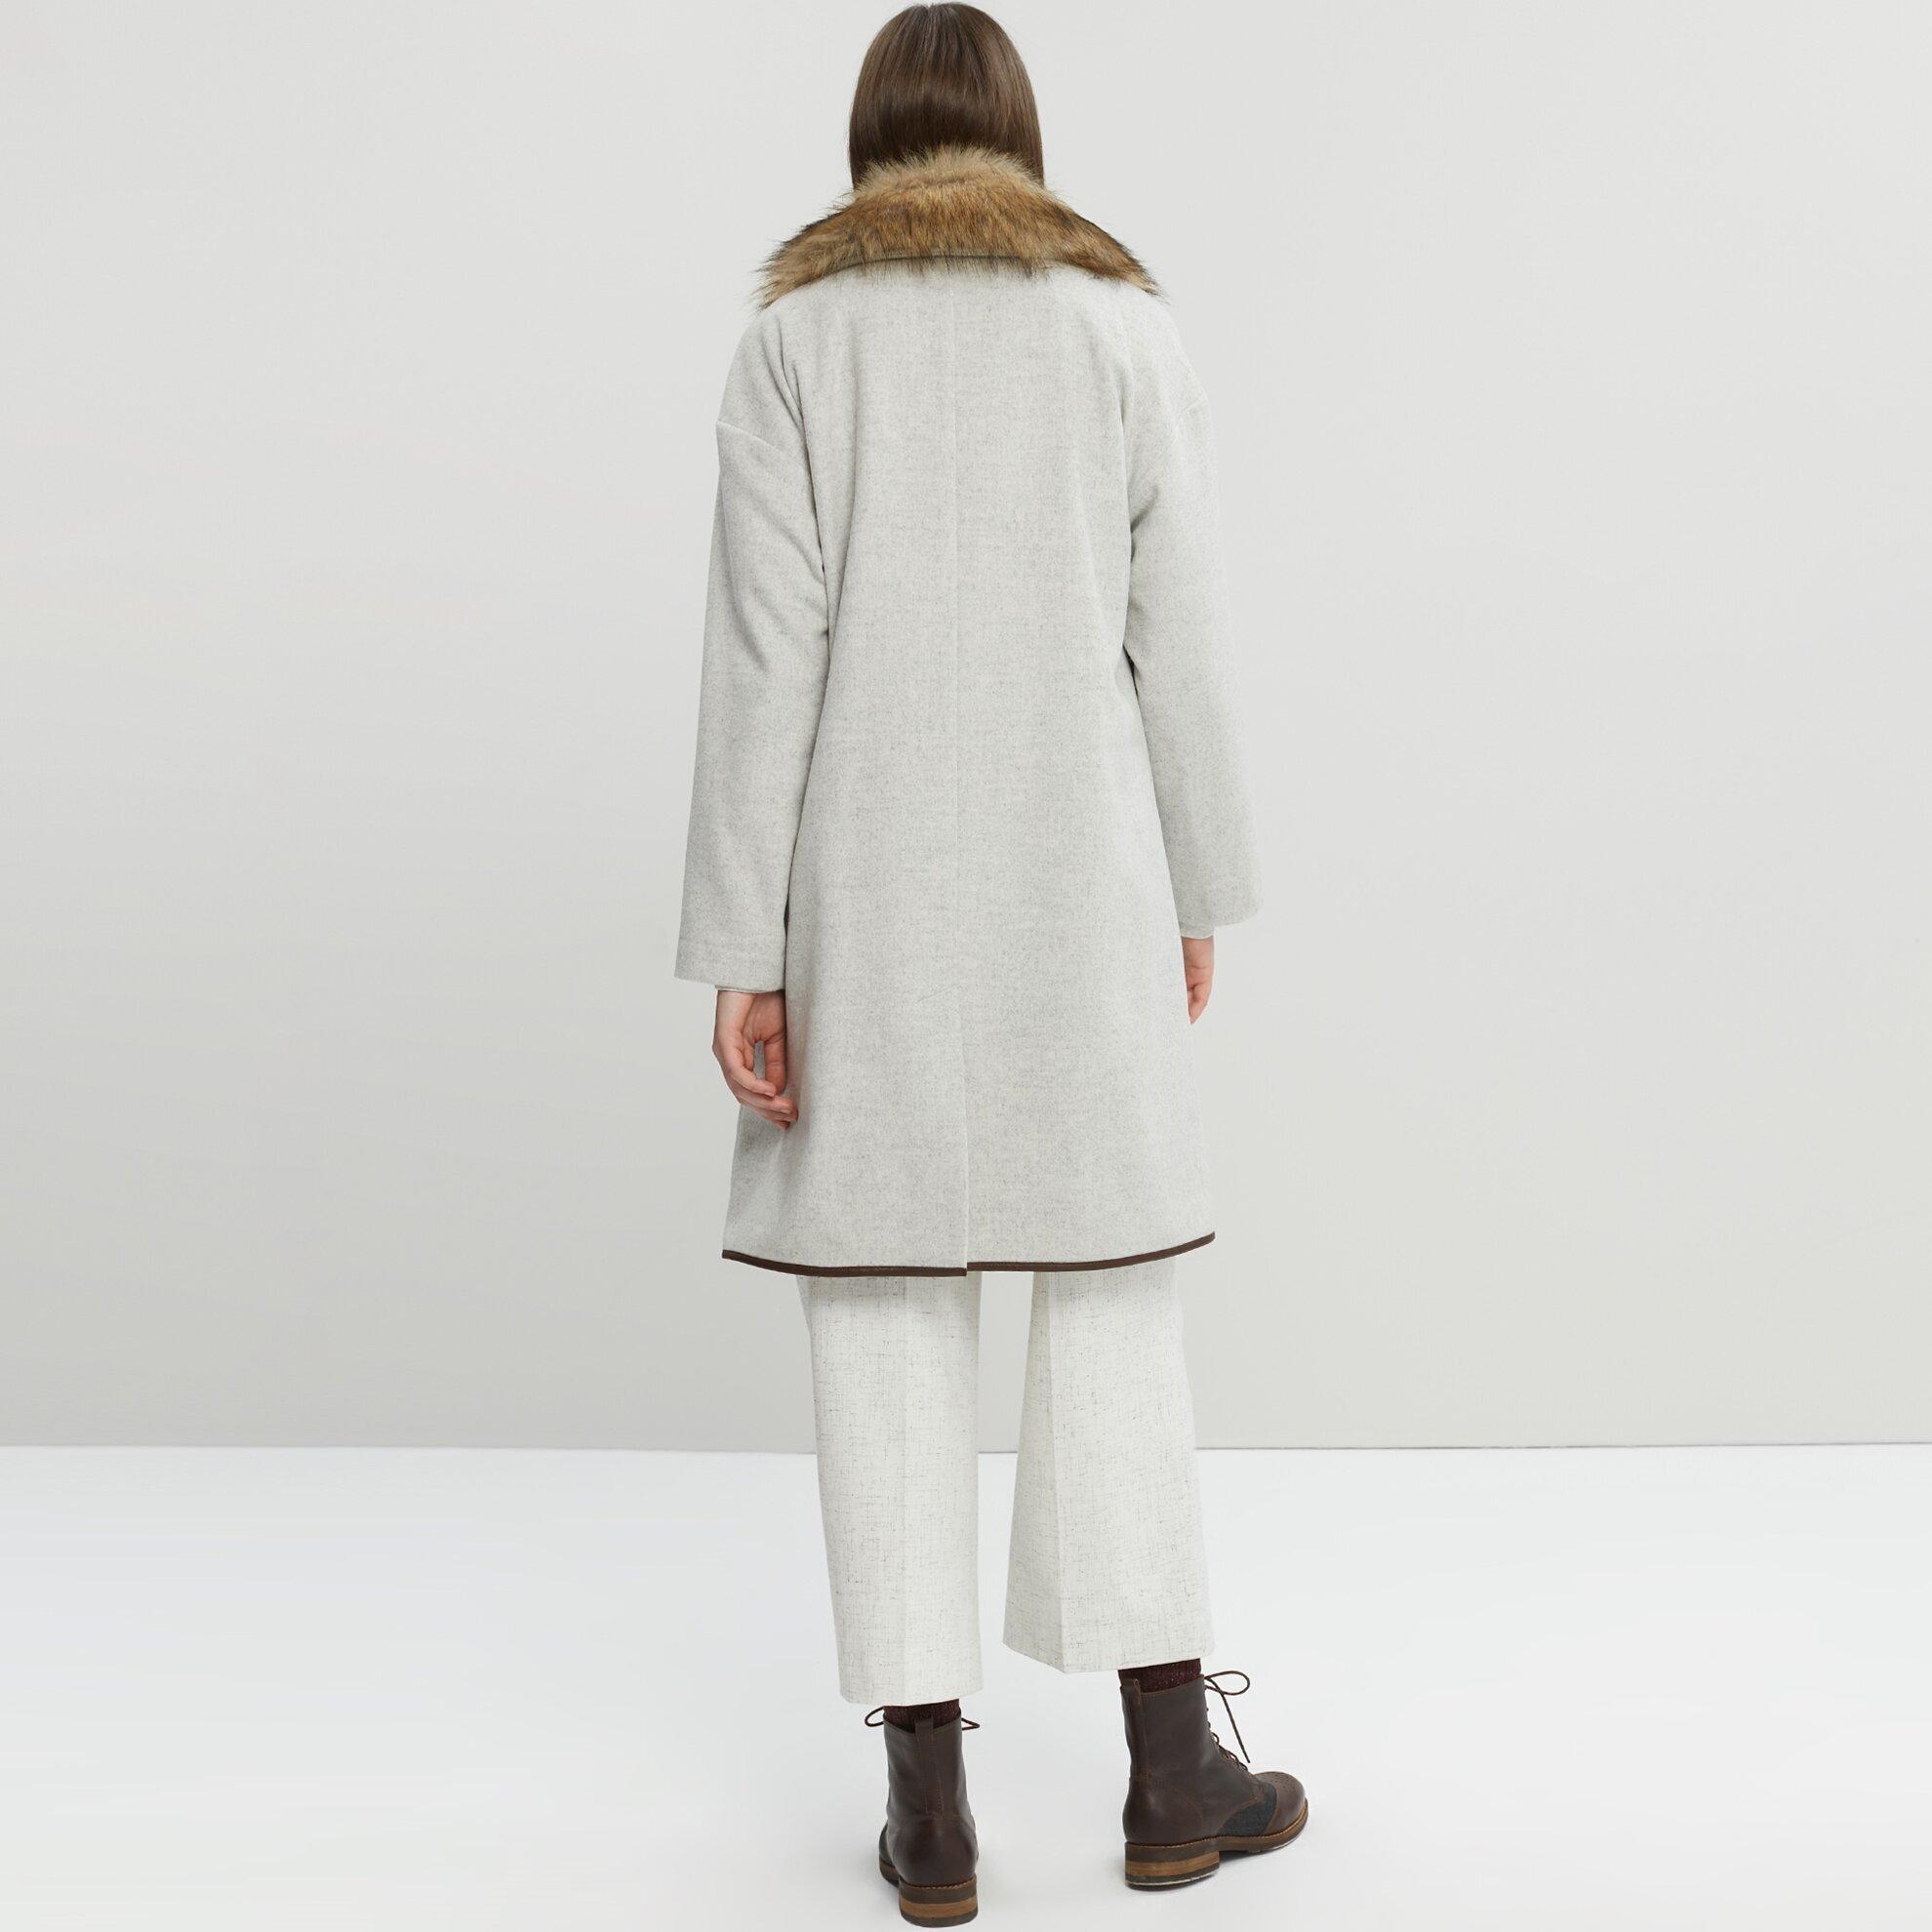 Mantel Kunstfellkragen Damen Mit Und Ledernähten xrtQshdC